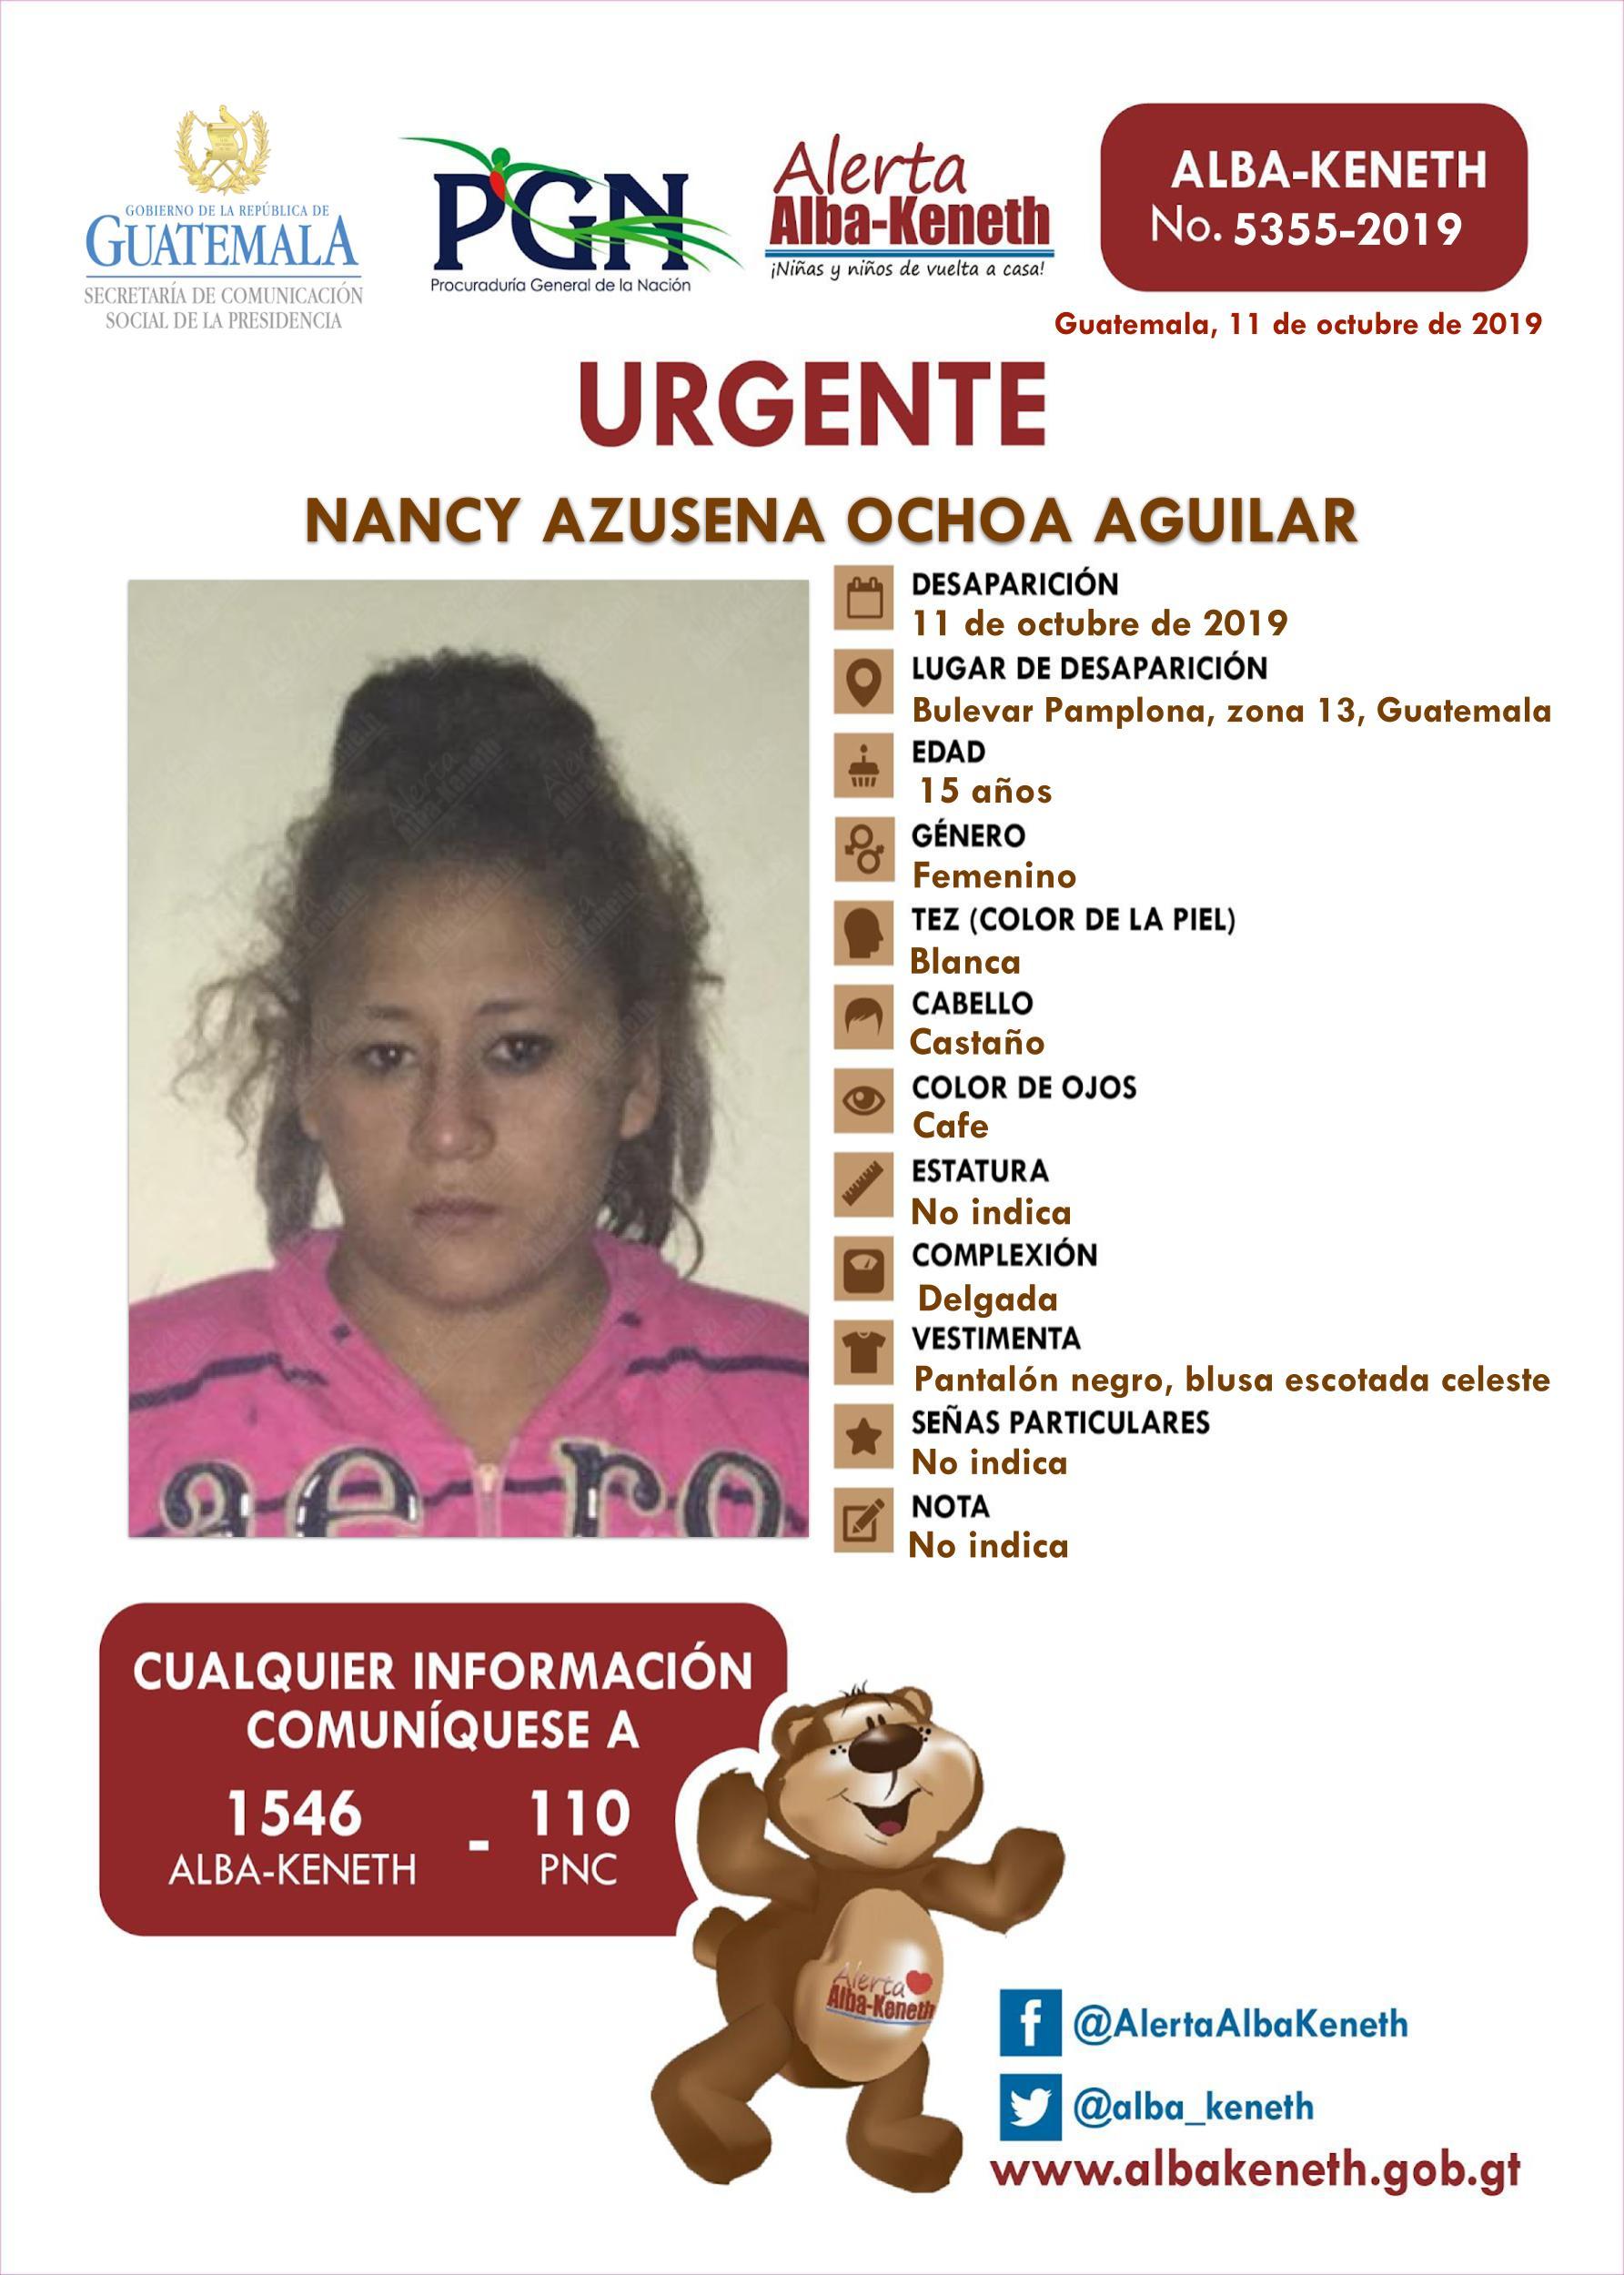 Nancy Azusena Ochoa Aguilar